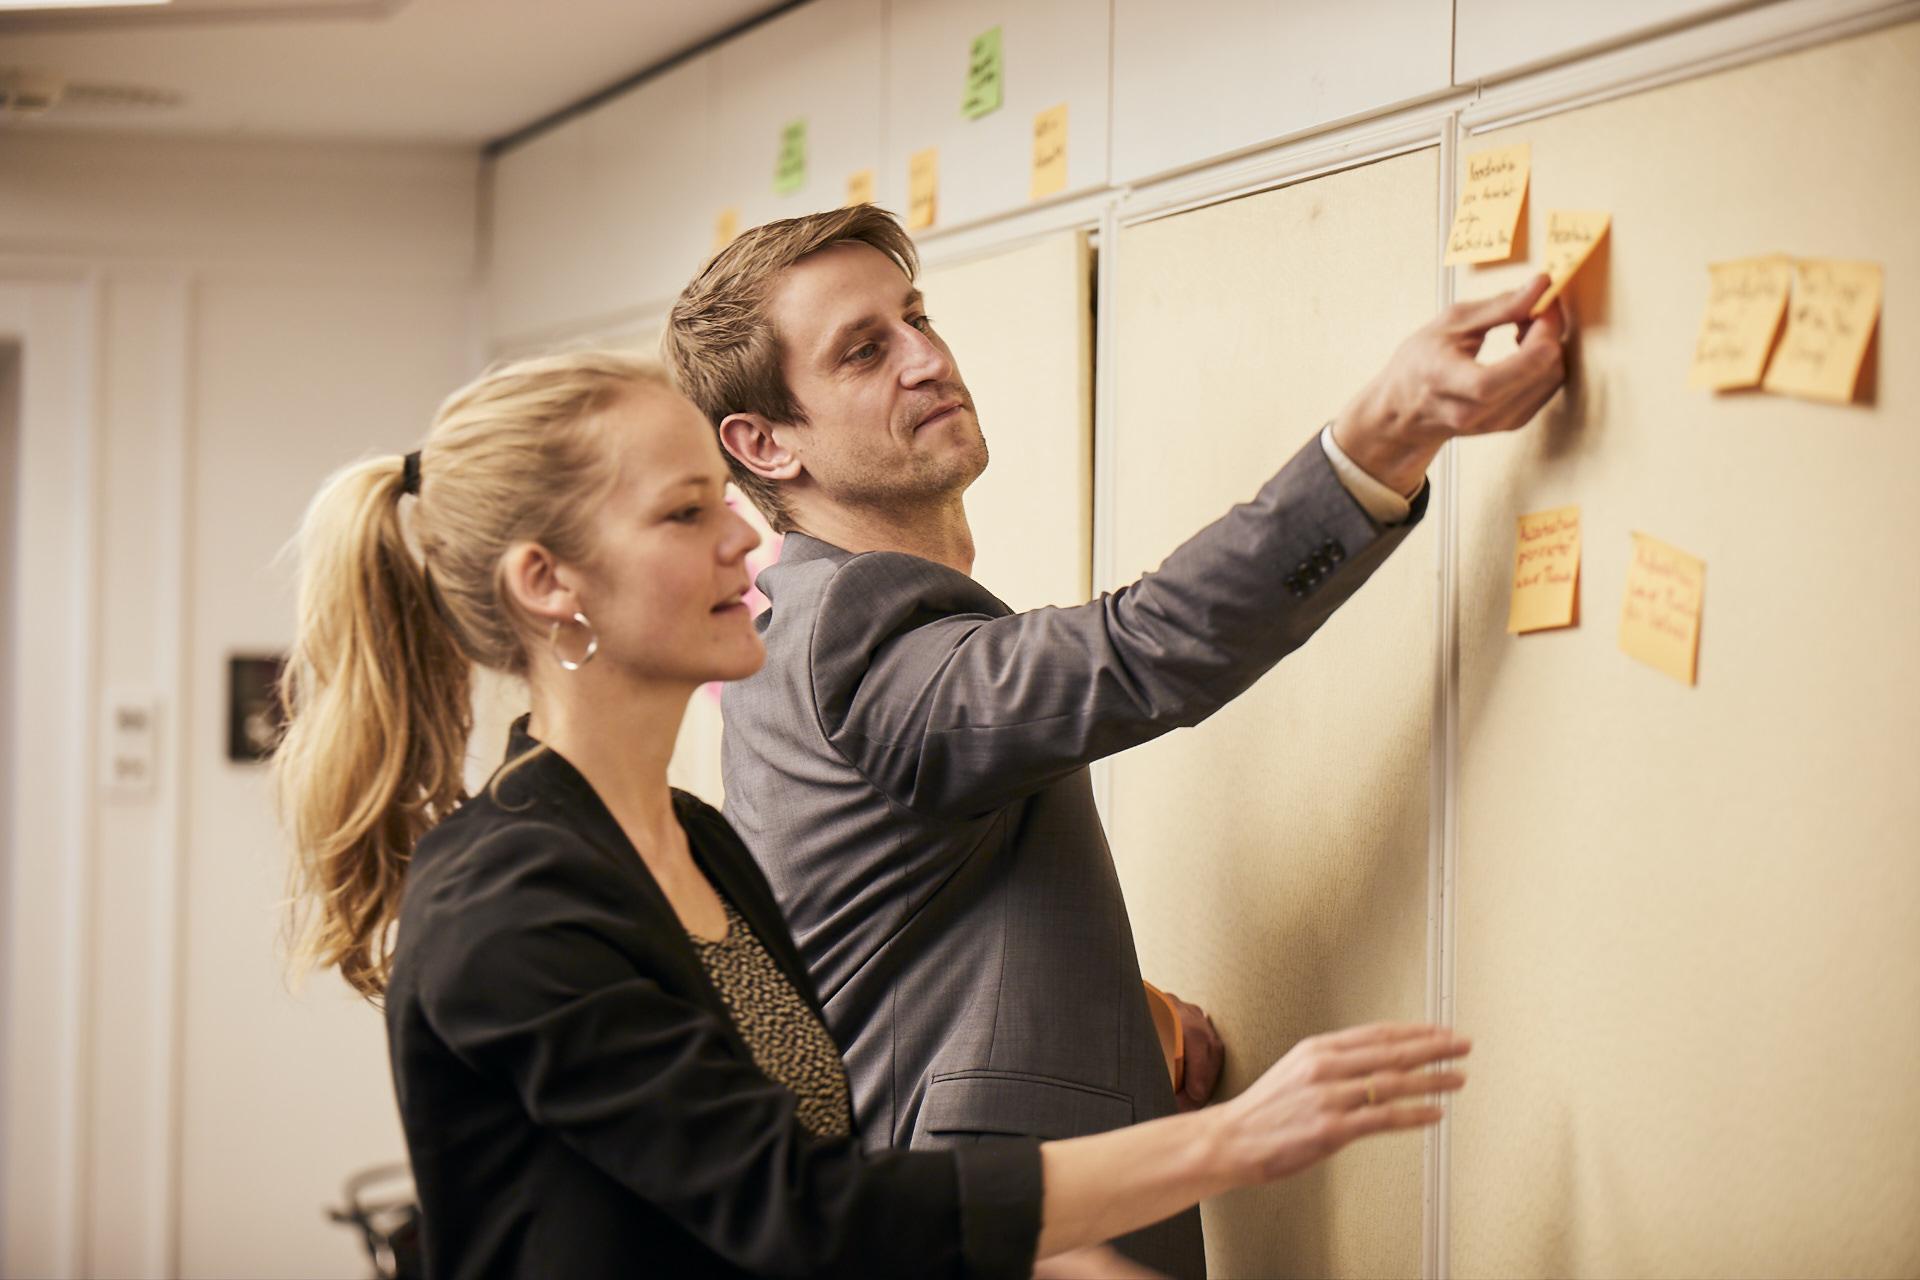 Zwei Kollegen haben eine Brainstorming Session mit farbigen Post-It Notes im Büro